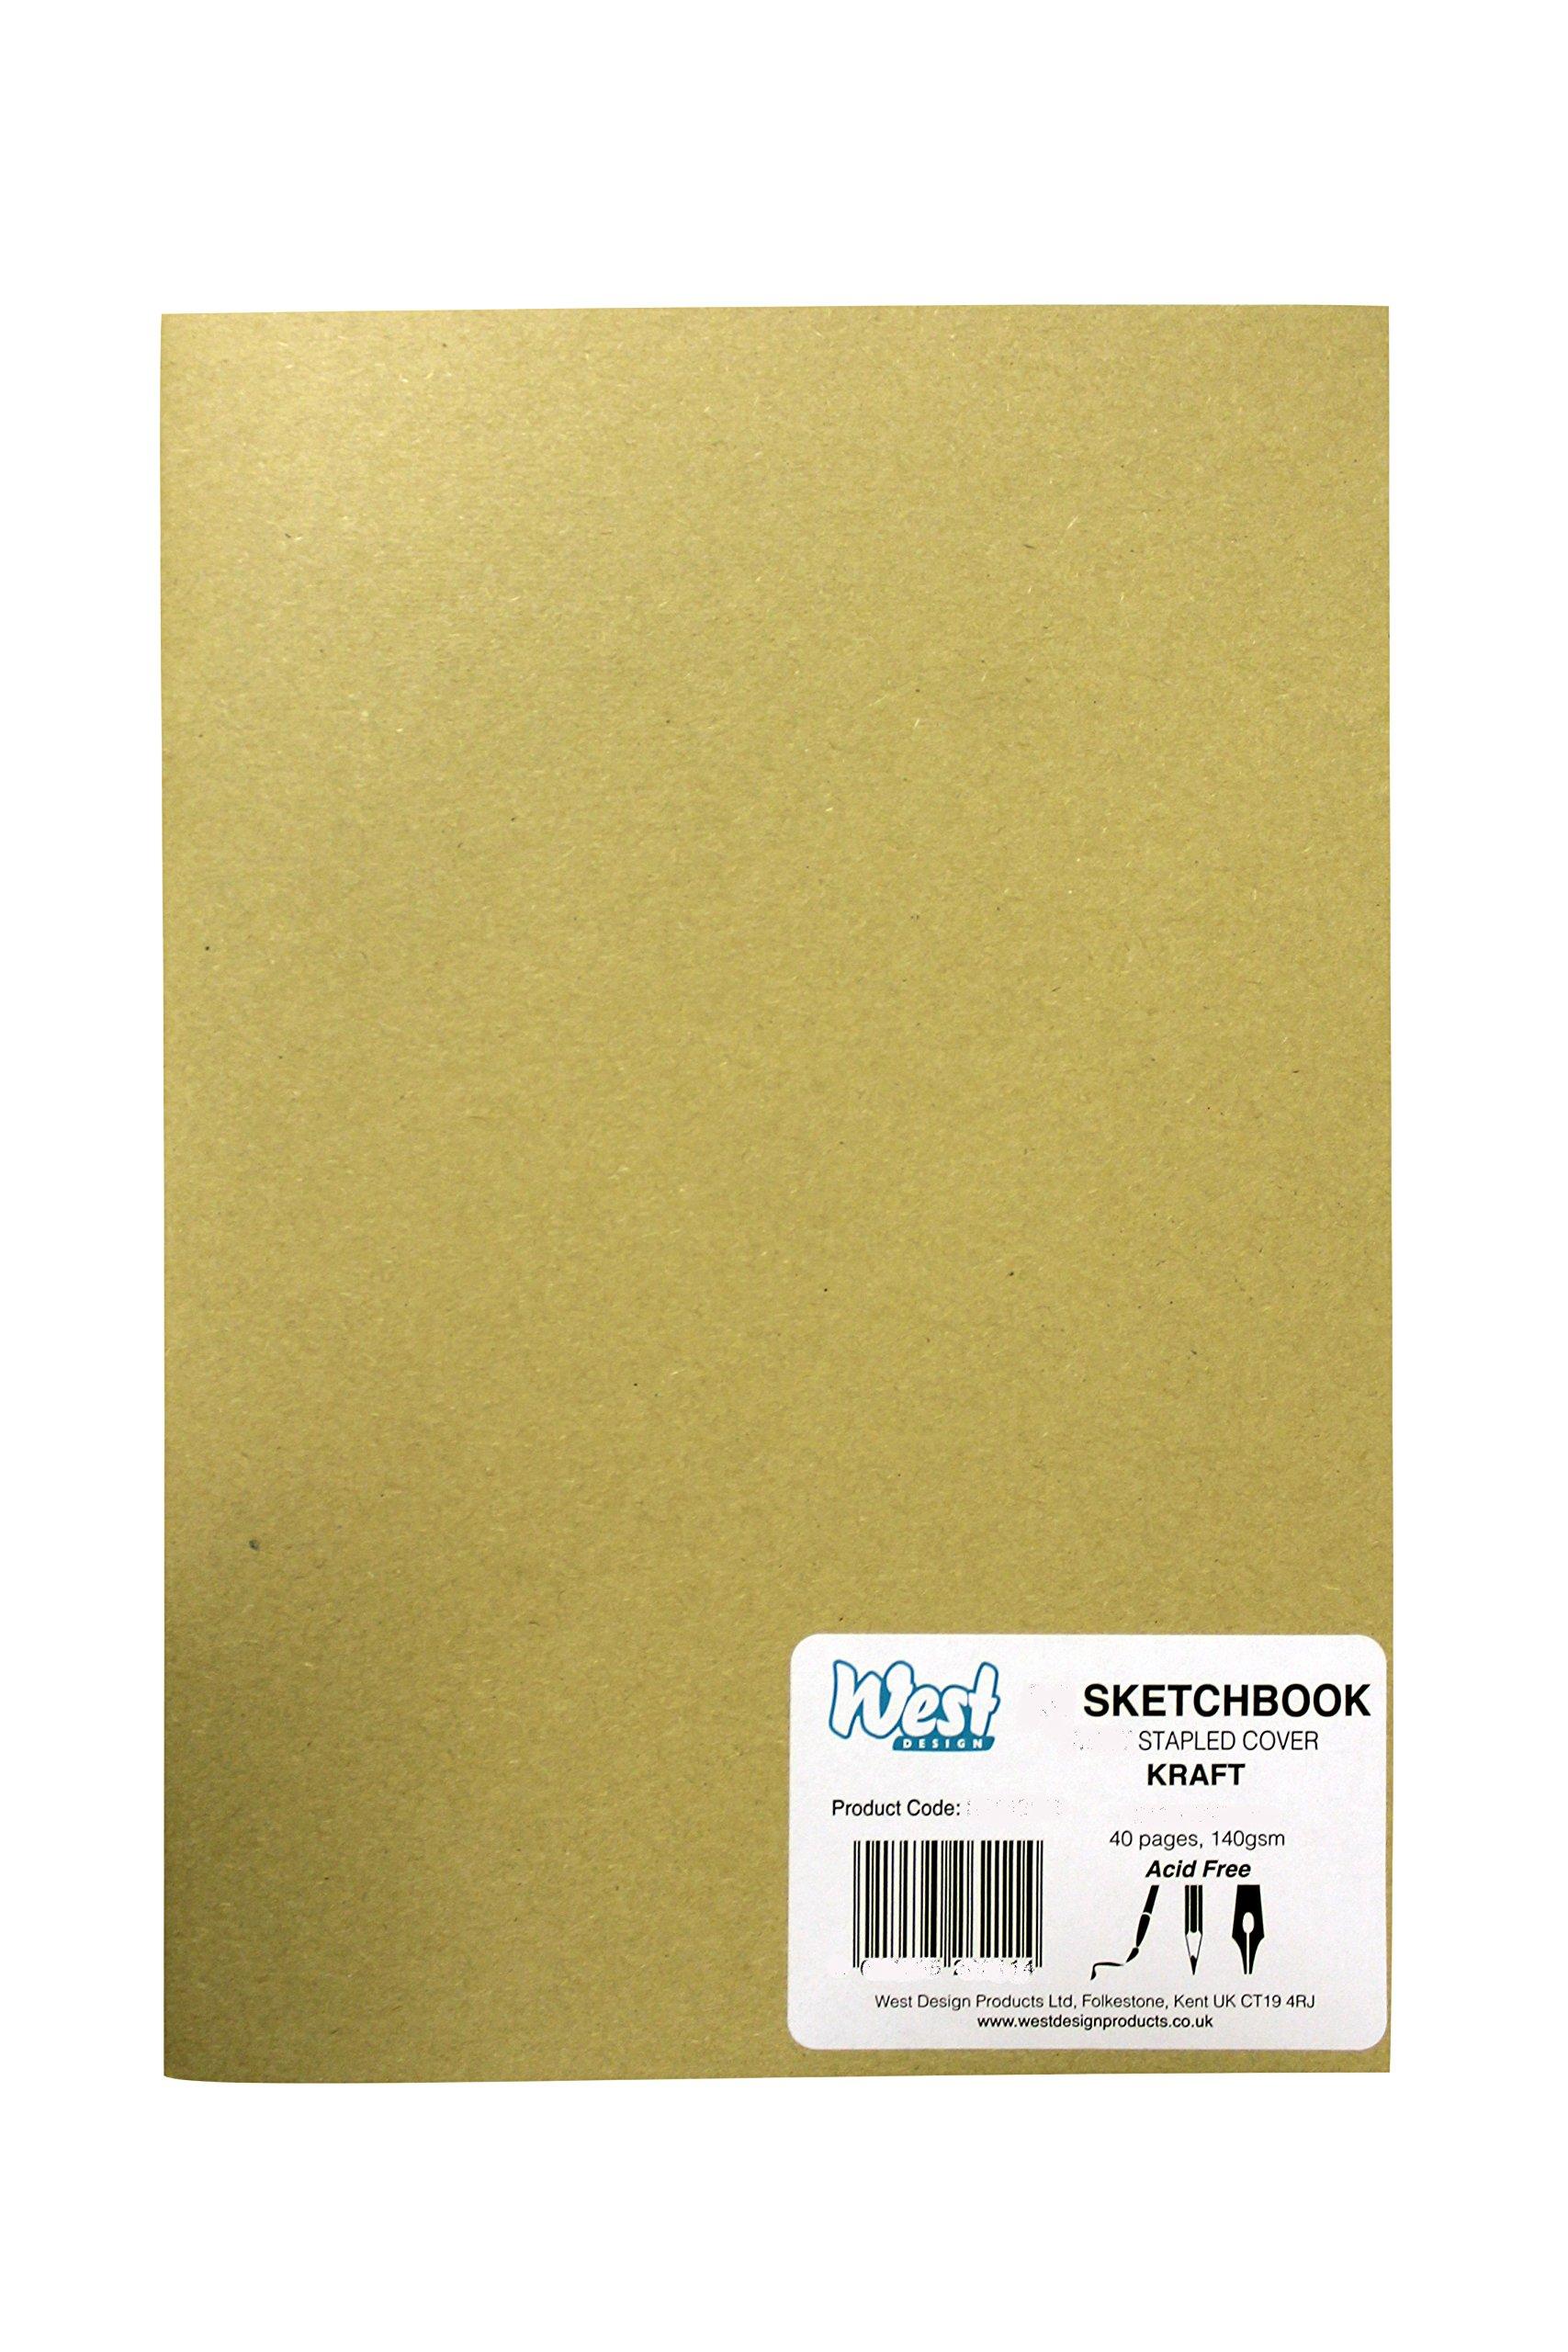 RS262053 A3 Sketchbook MATT Kraft 140g